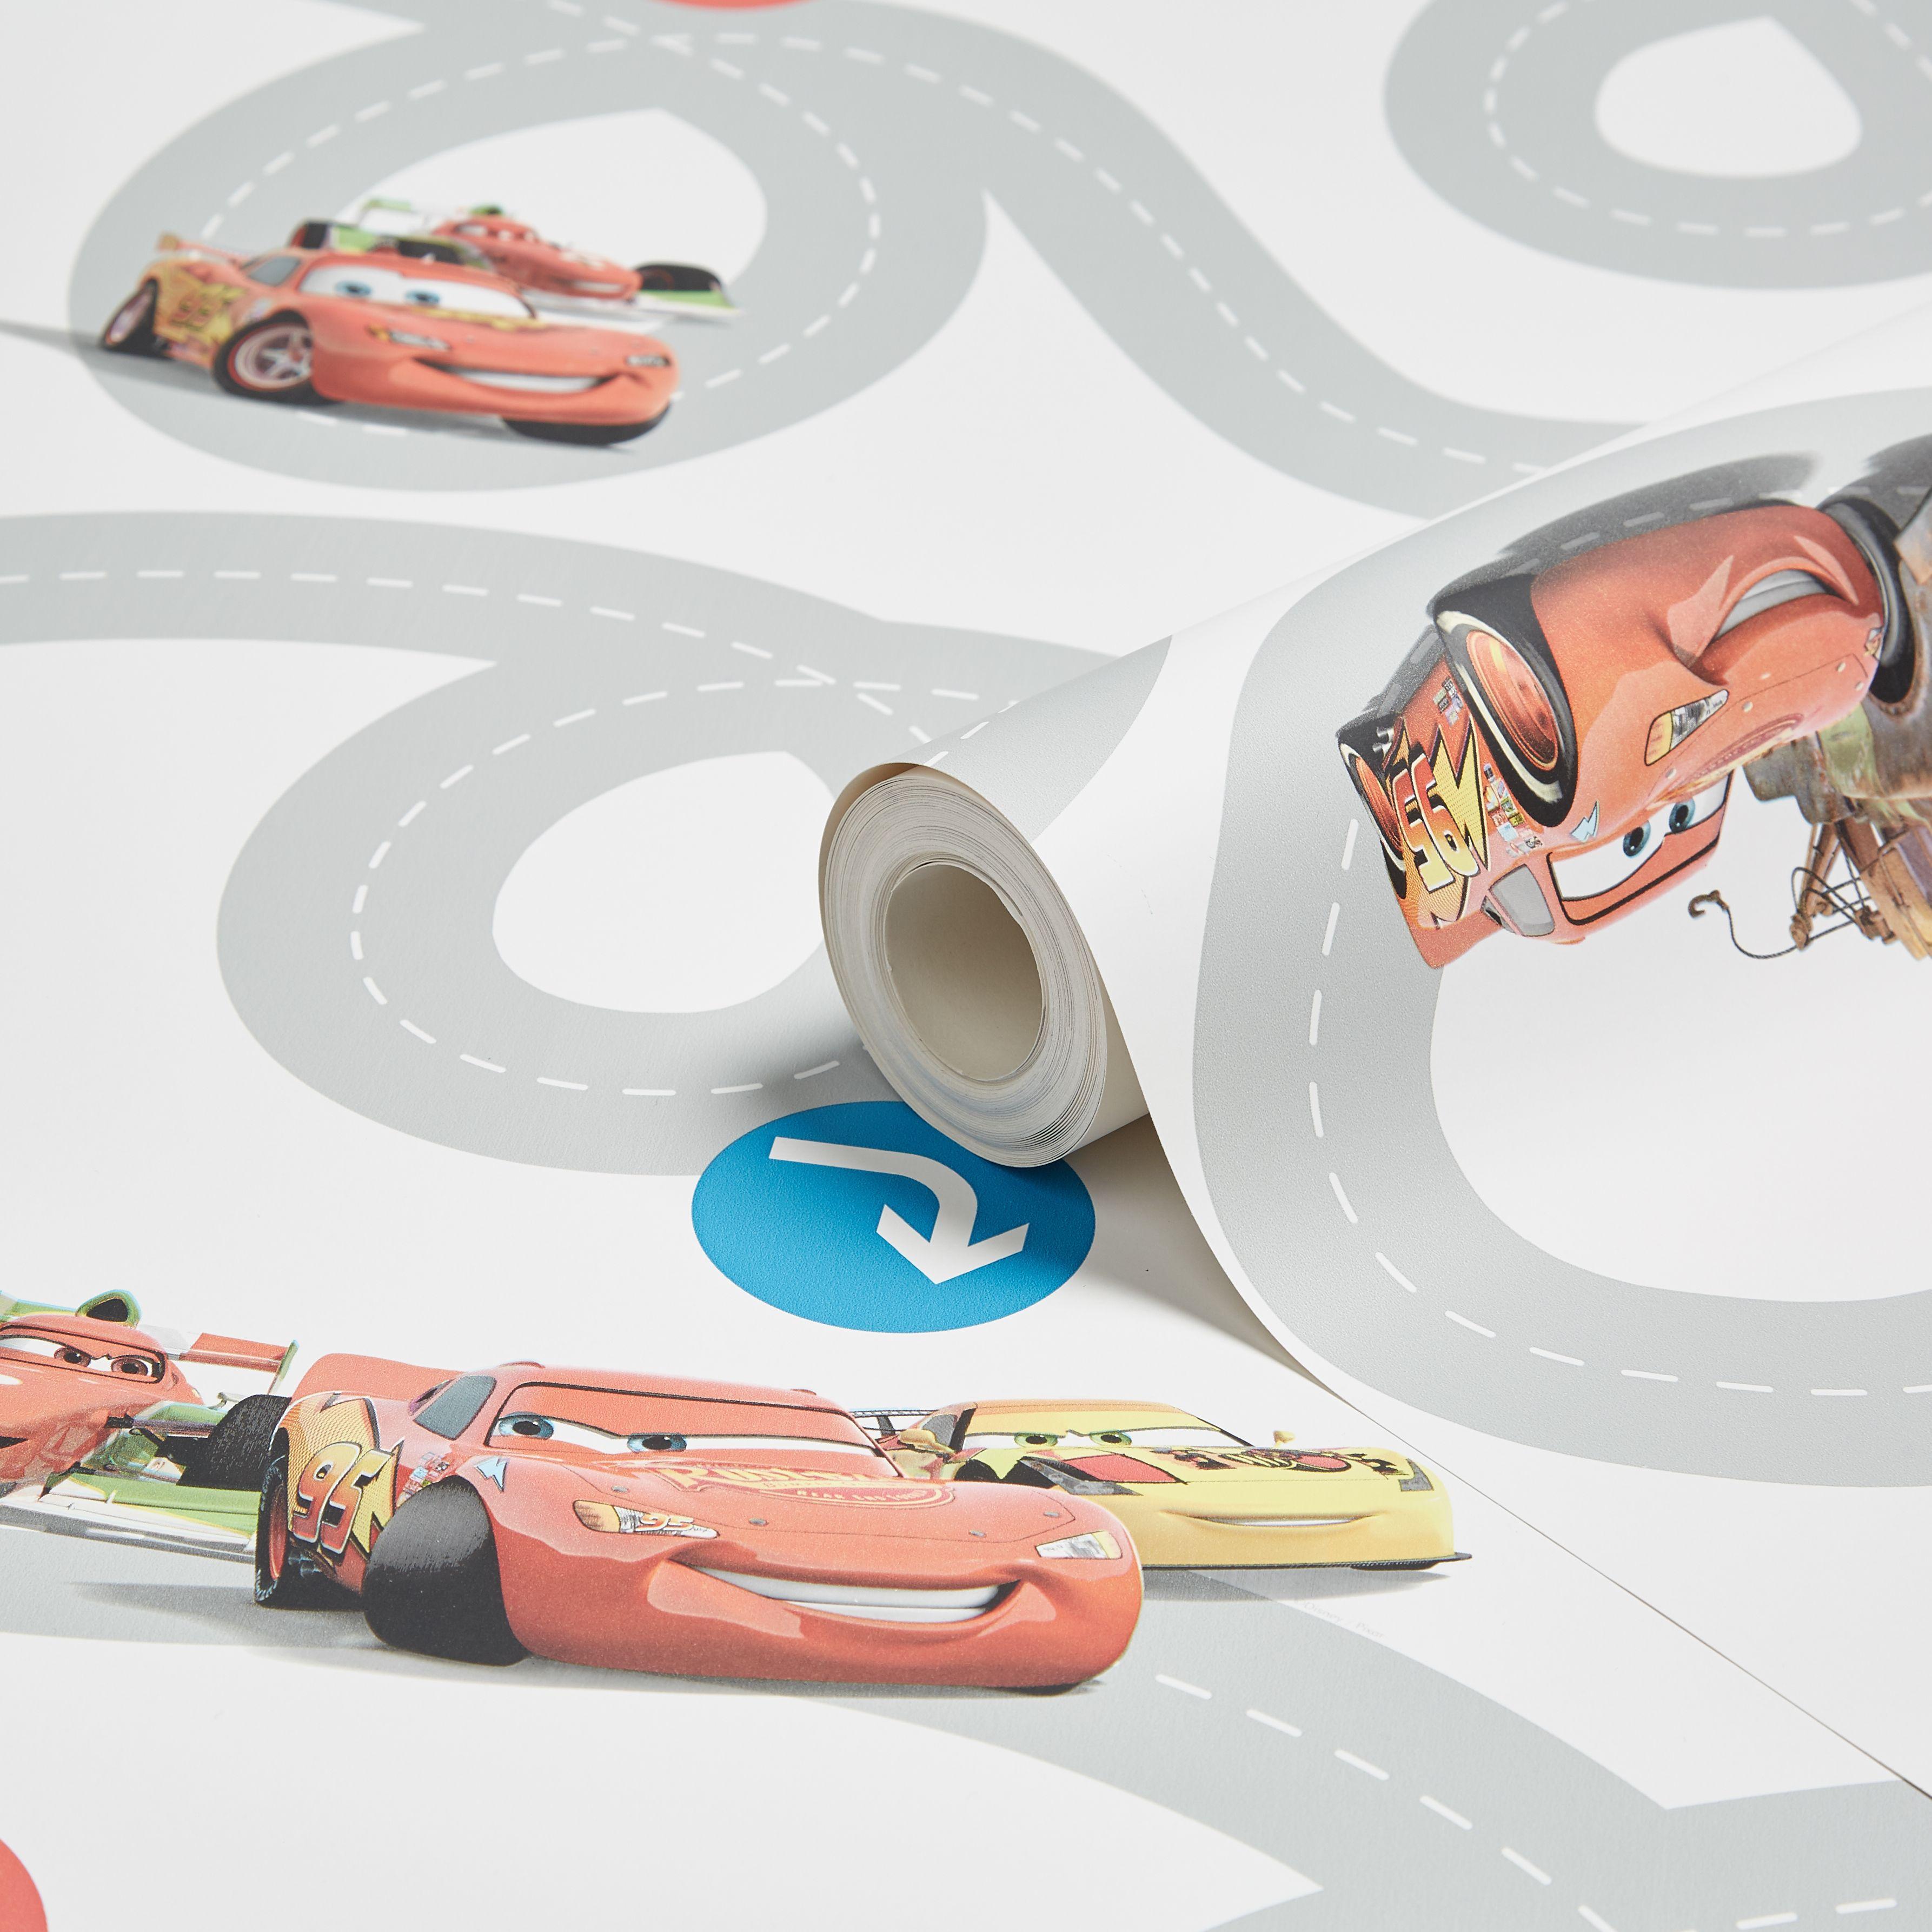 Disney Cars 2 Racetrack Wallpaper Departments Diy At B Amp Q